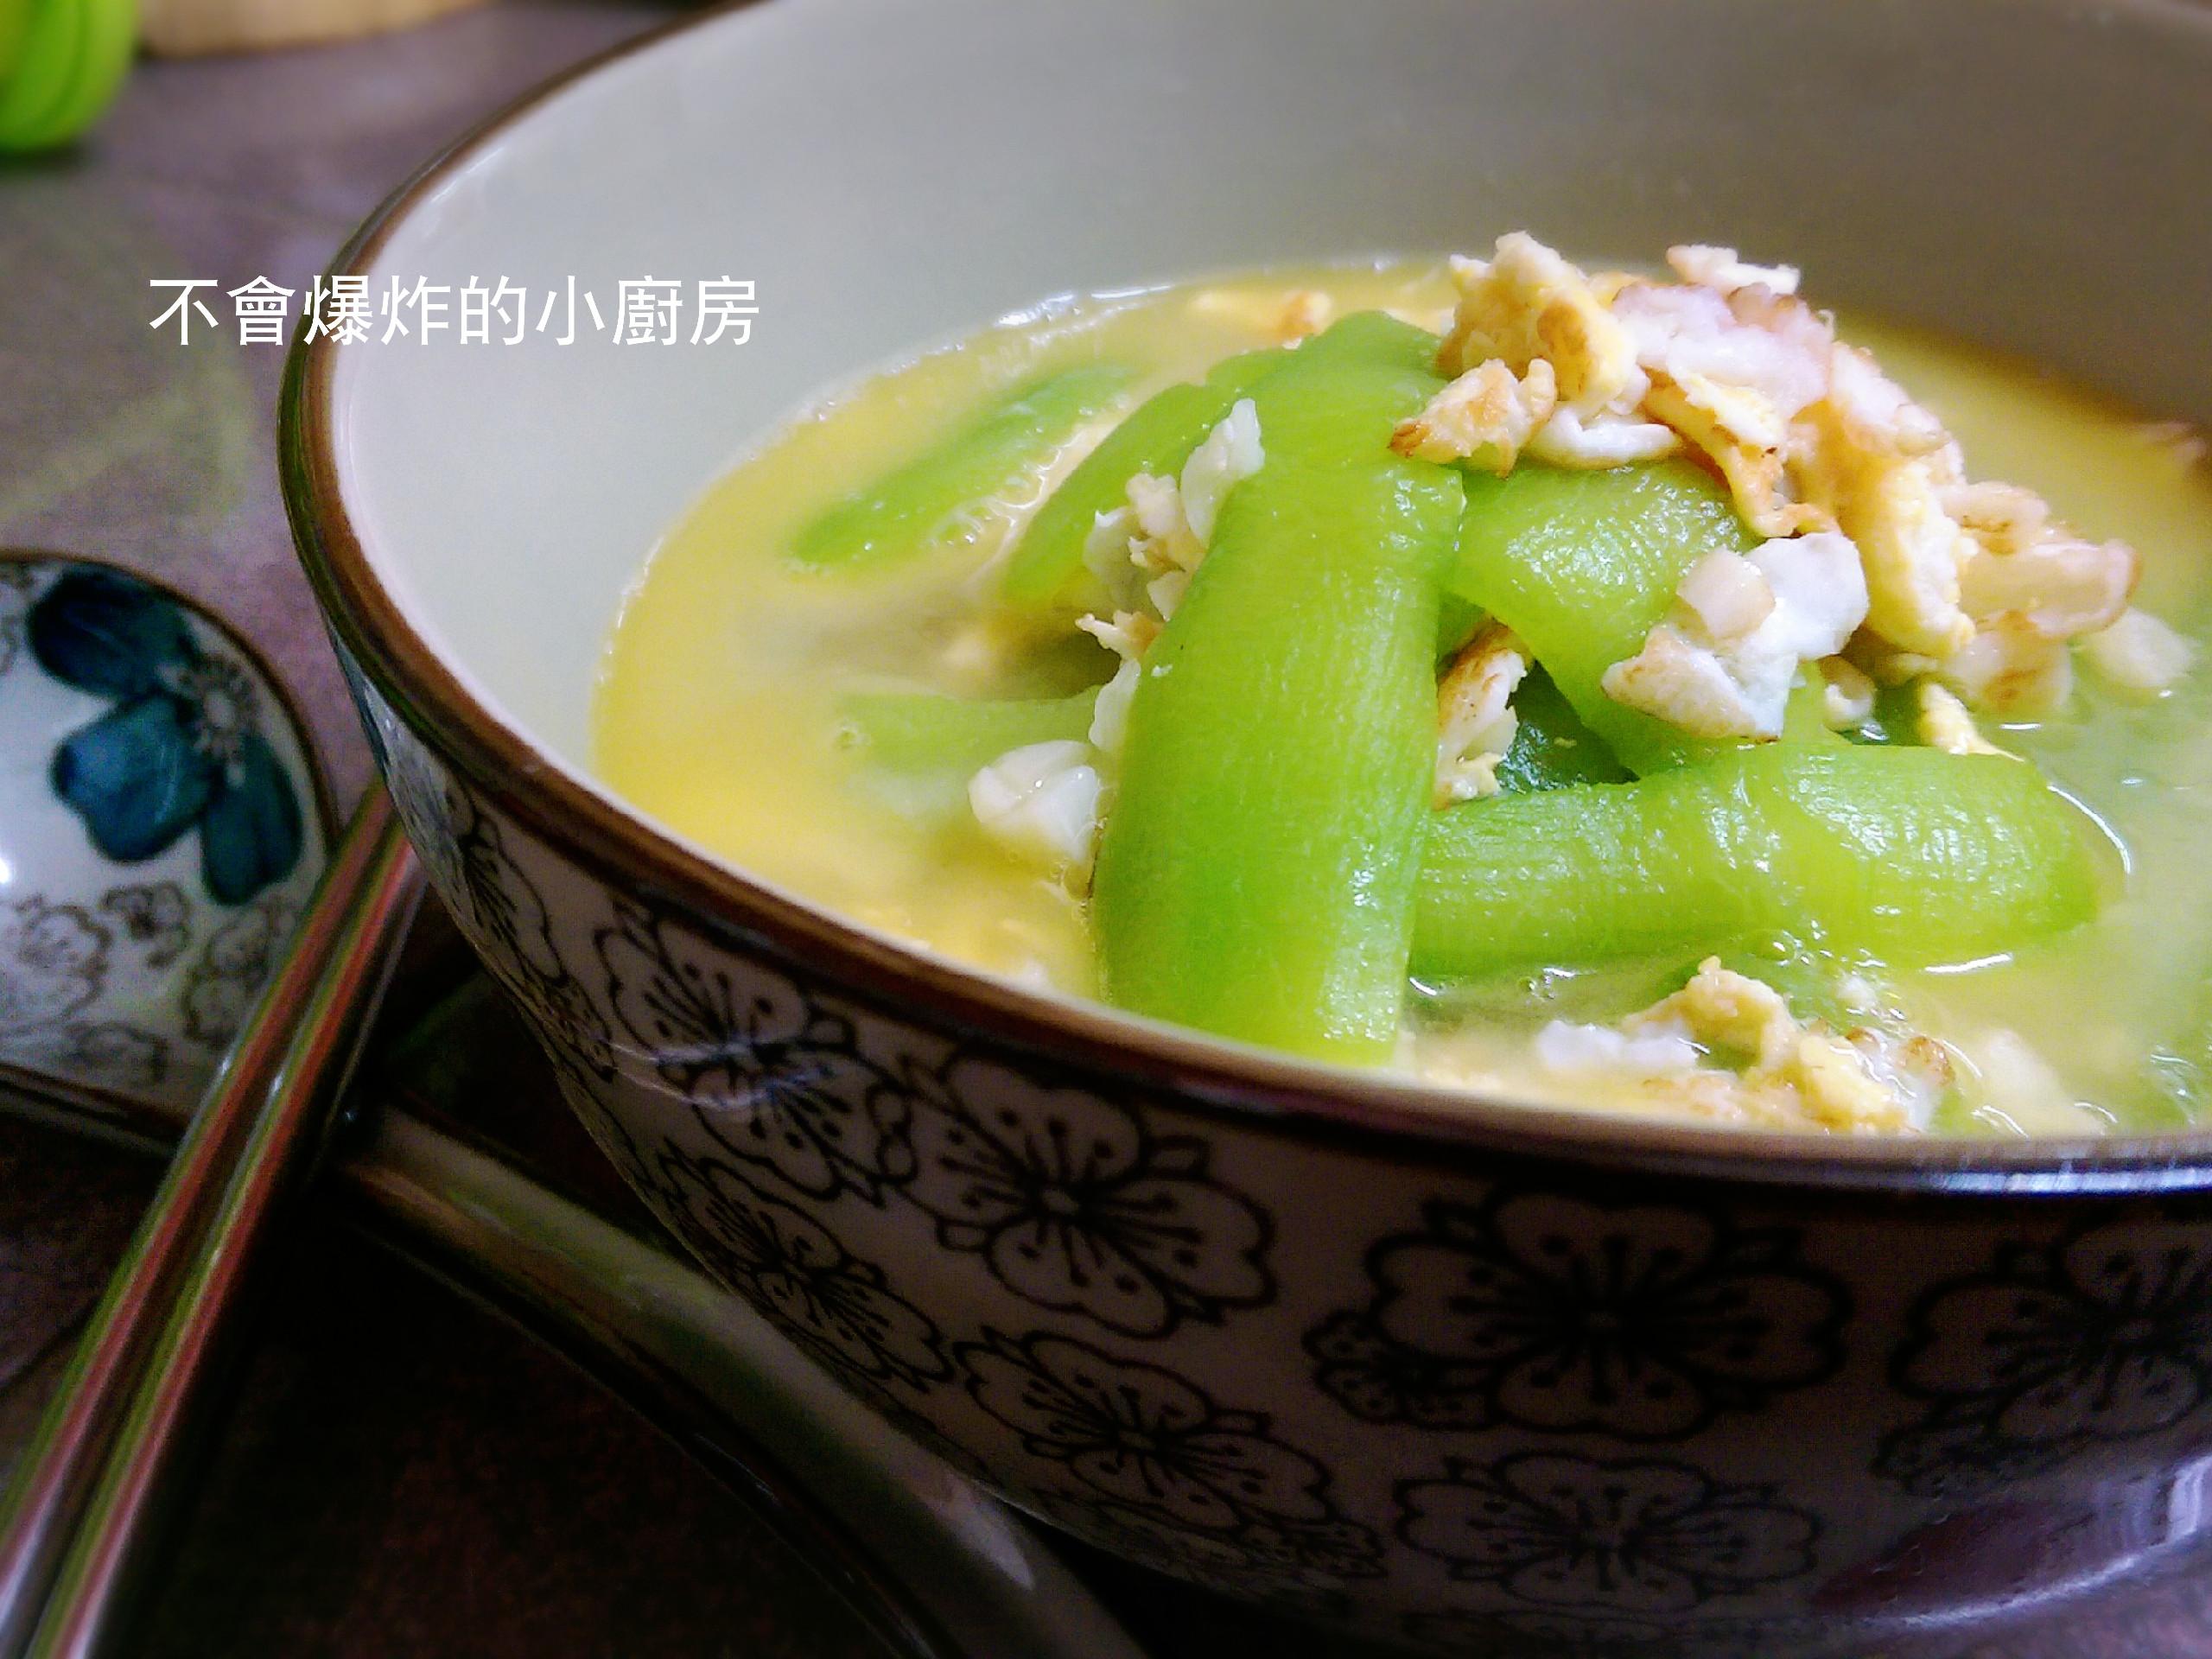 絲瓜雞蛋湯